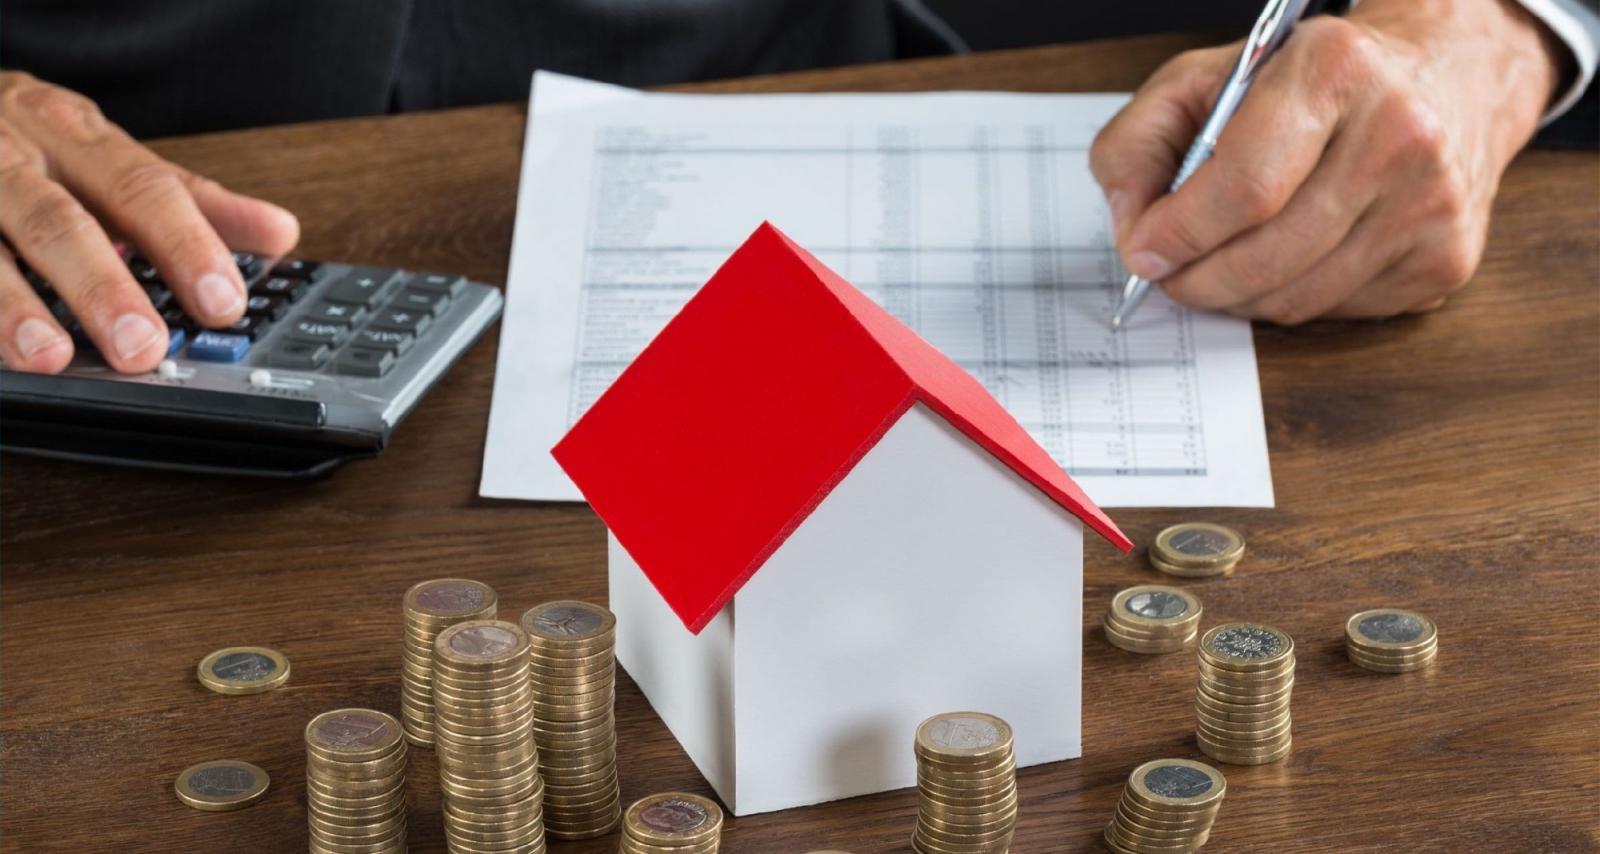 Vay ngân hàng mua nhà: 5 kinh nghiệm đắt giá không nên bỏ qua